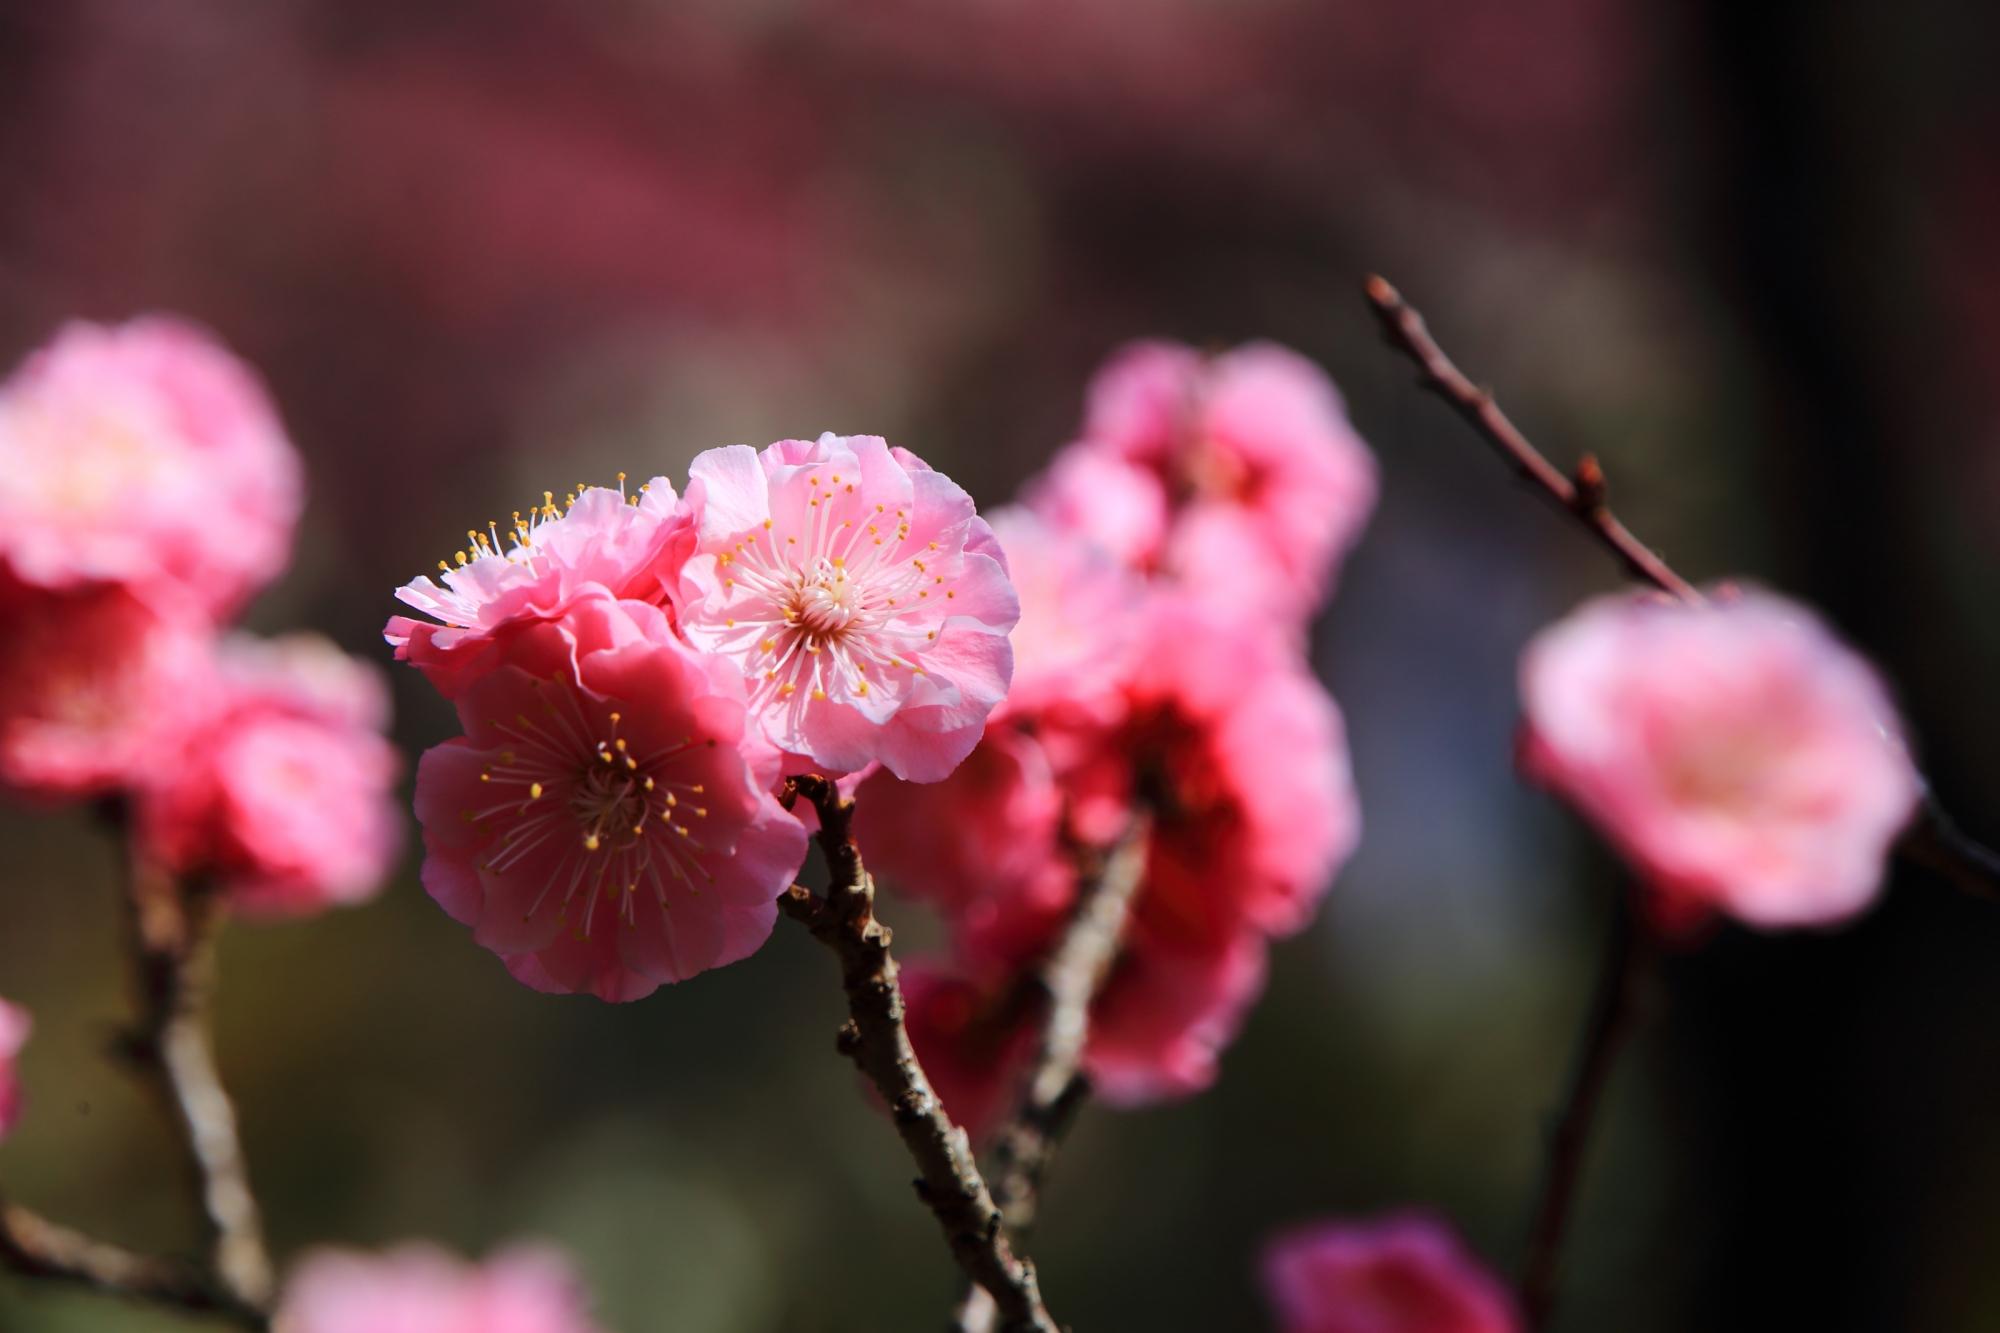 随心院の所狭しと咲き誇る梅の花